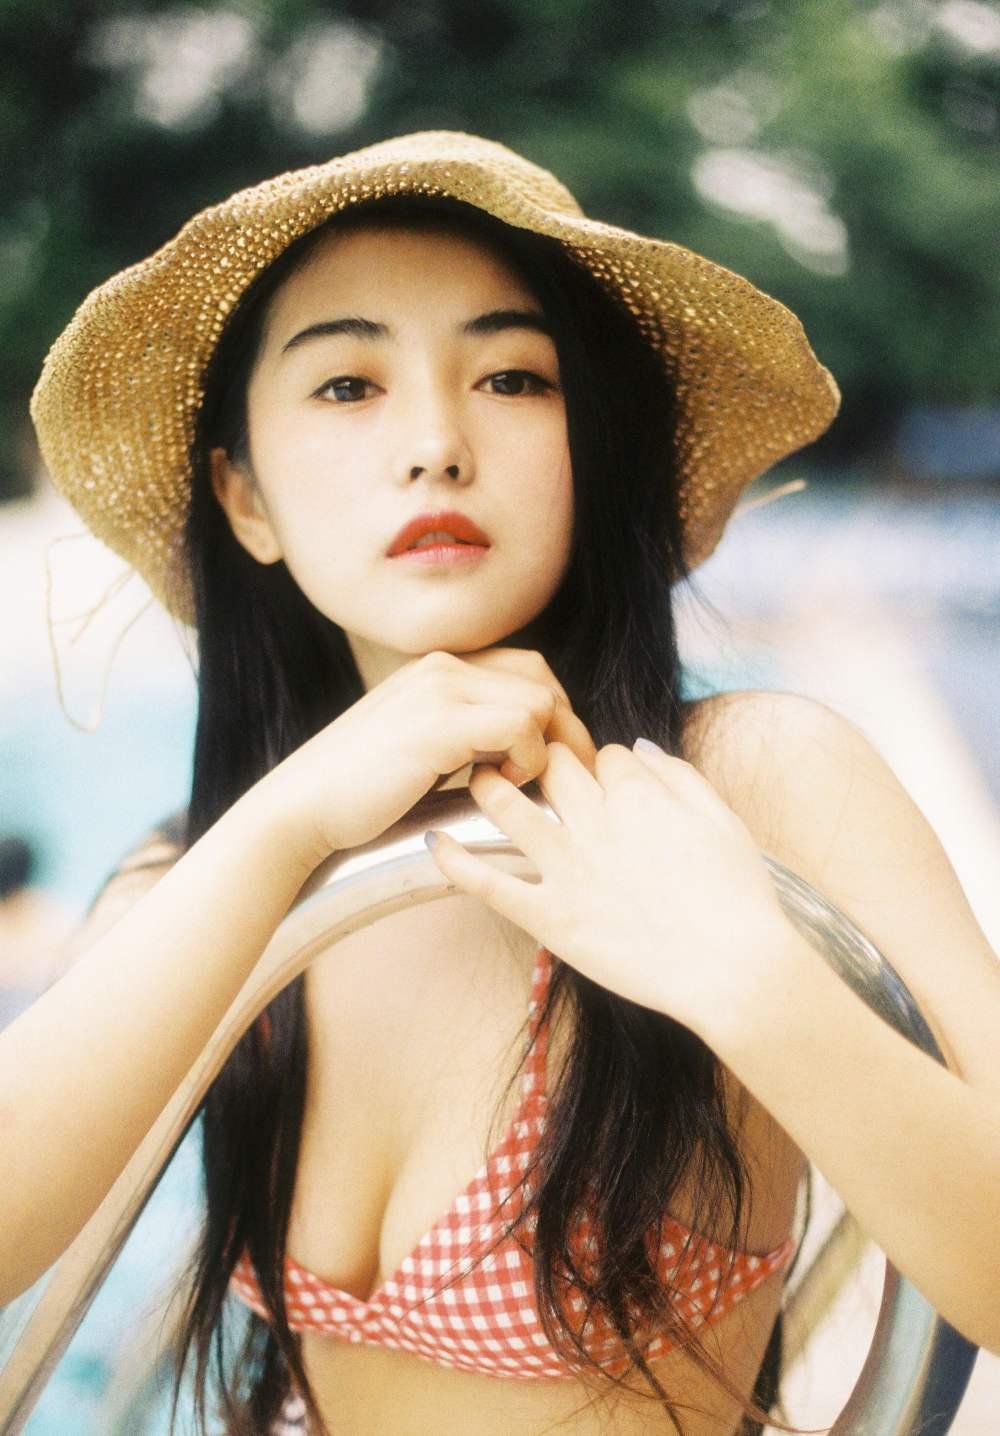 """Chuẩn đẹp mới của phụ nữ Trung Quốc khiến dân mạng """"phát cuồng"""", khen nức nở - ảnh 10"""